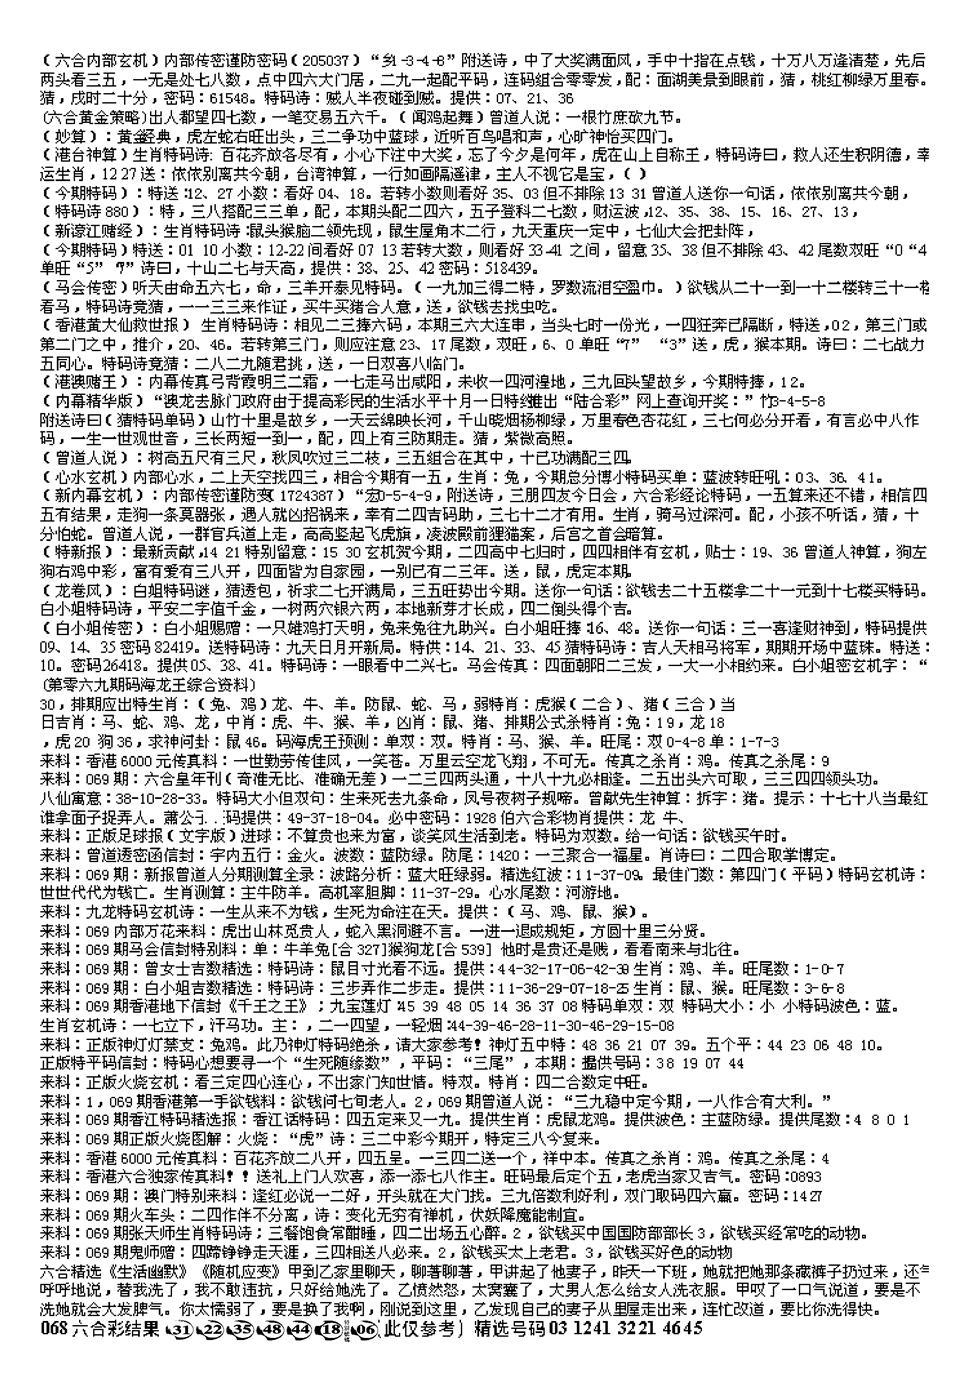 069期综合资料大全B(黑白)